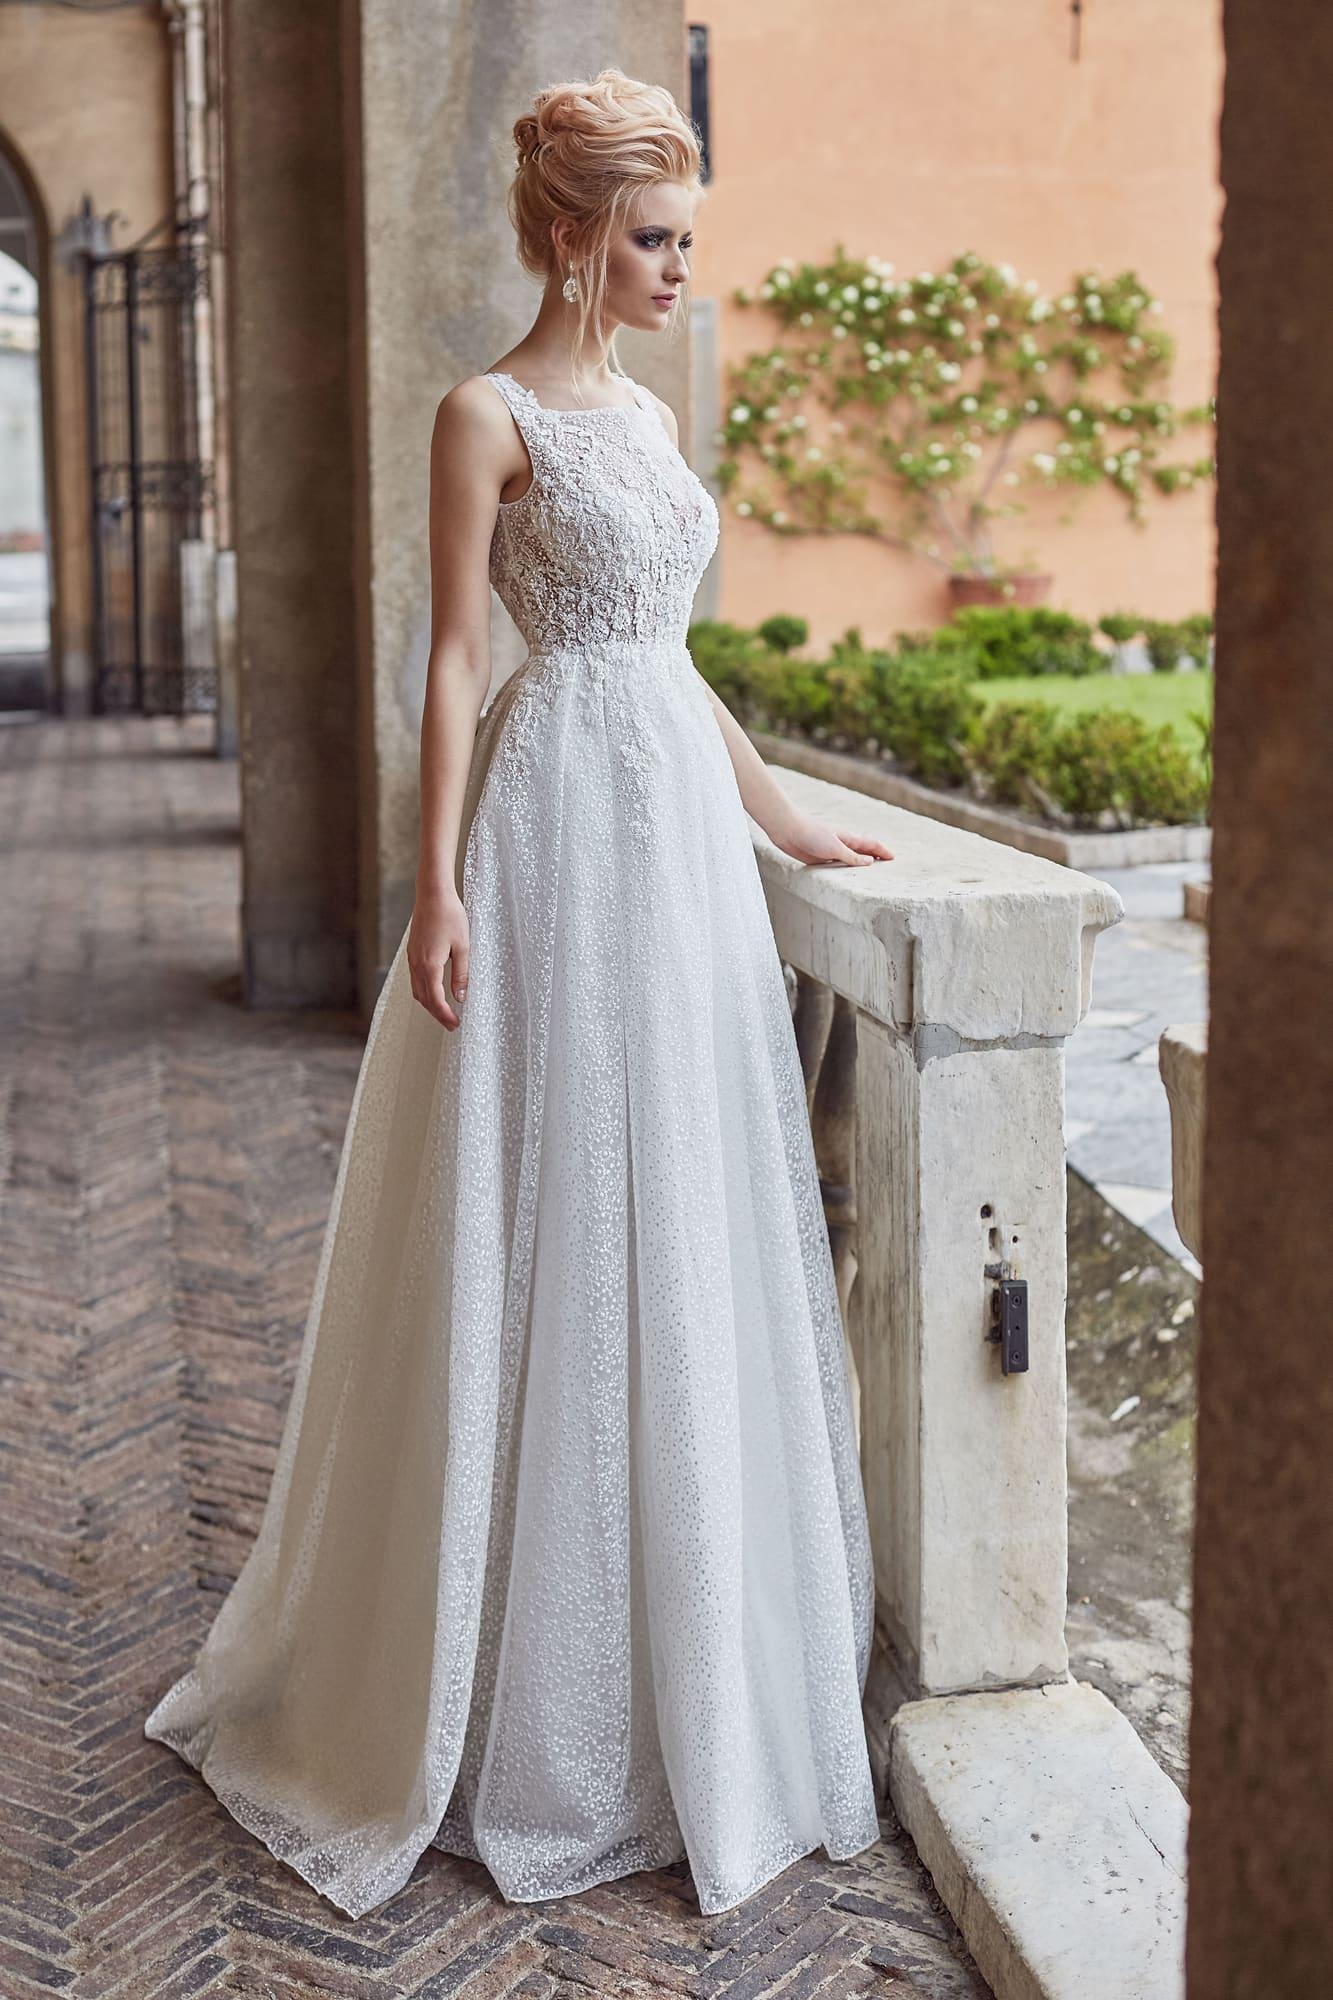 Фактурное свадебное платье с открытой спиной и вышивкой на юбке.